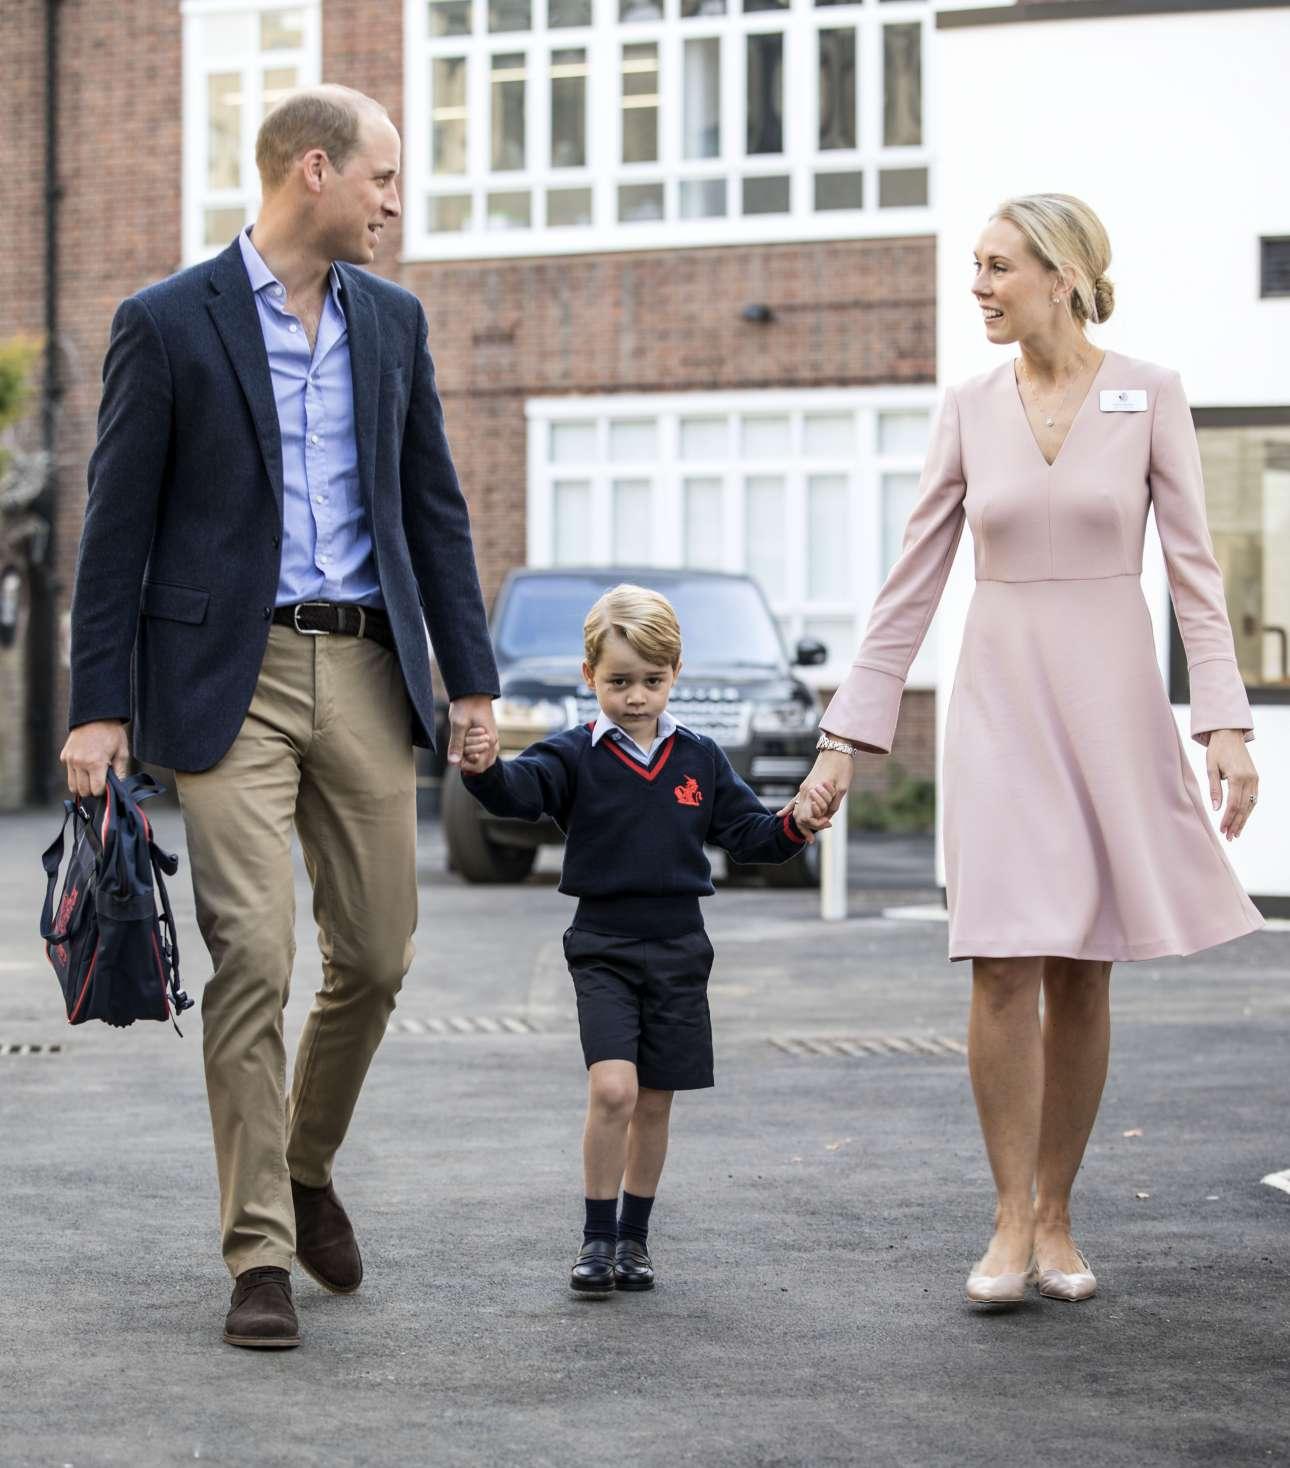 Πέμπτη, 7 Σεπτεμβρίου. Ακόμα και οι πρίγκιπες έχουν αυτήν την έκφραση την πρώτη ημέρα του σχολείου. Στην εικόνα, ο πρίγκιπας Τζόρτζ χέρι-χέρι με τον πατέρα του στην πρώτη μέρα στο σχολείο